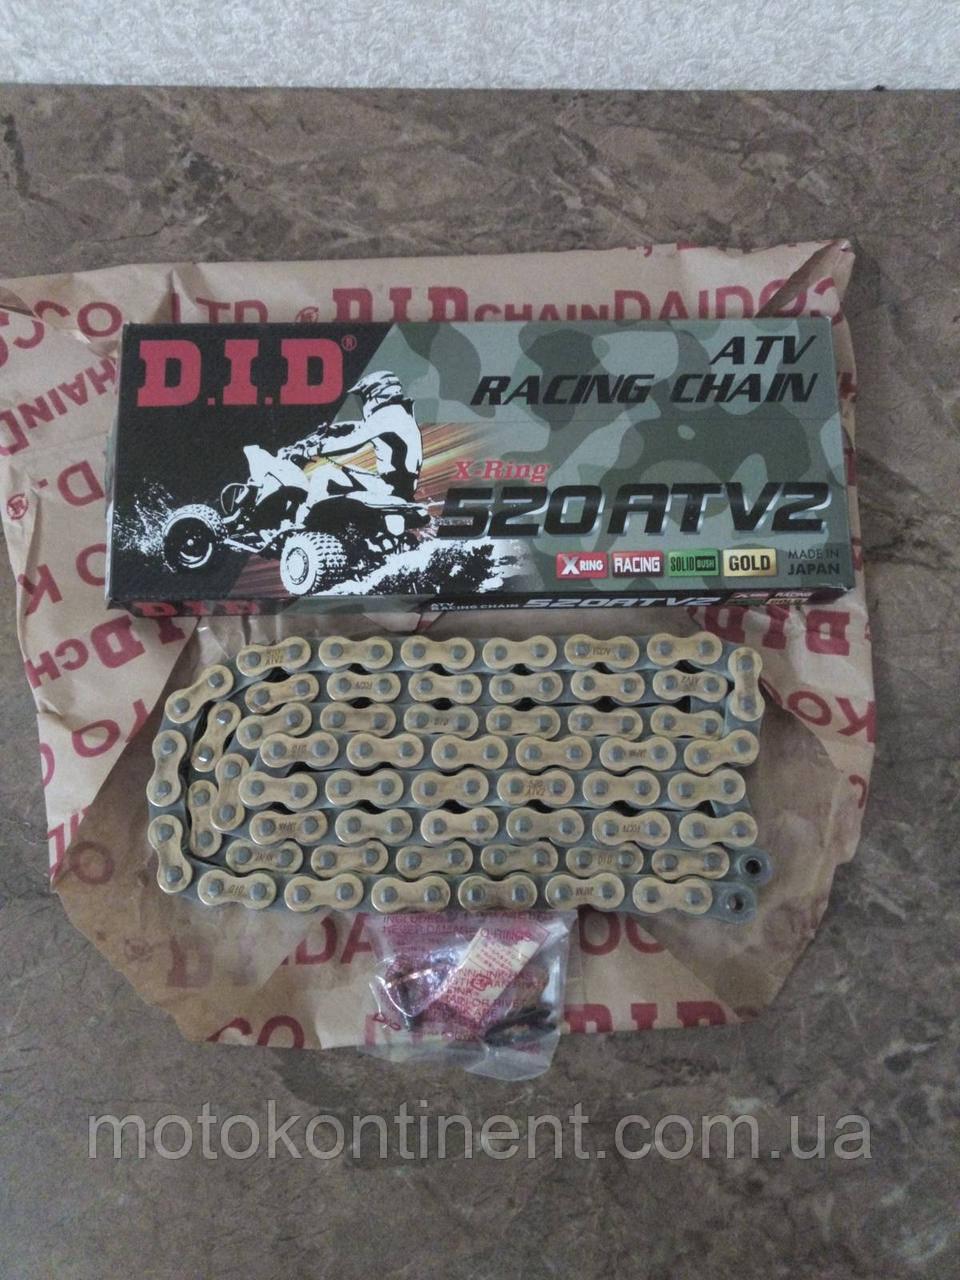 Ланцюг для квадроцикла DID 520ATV 76 G&B чорно - золота сальники типу X-Ring